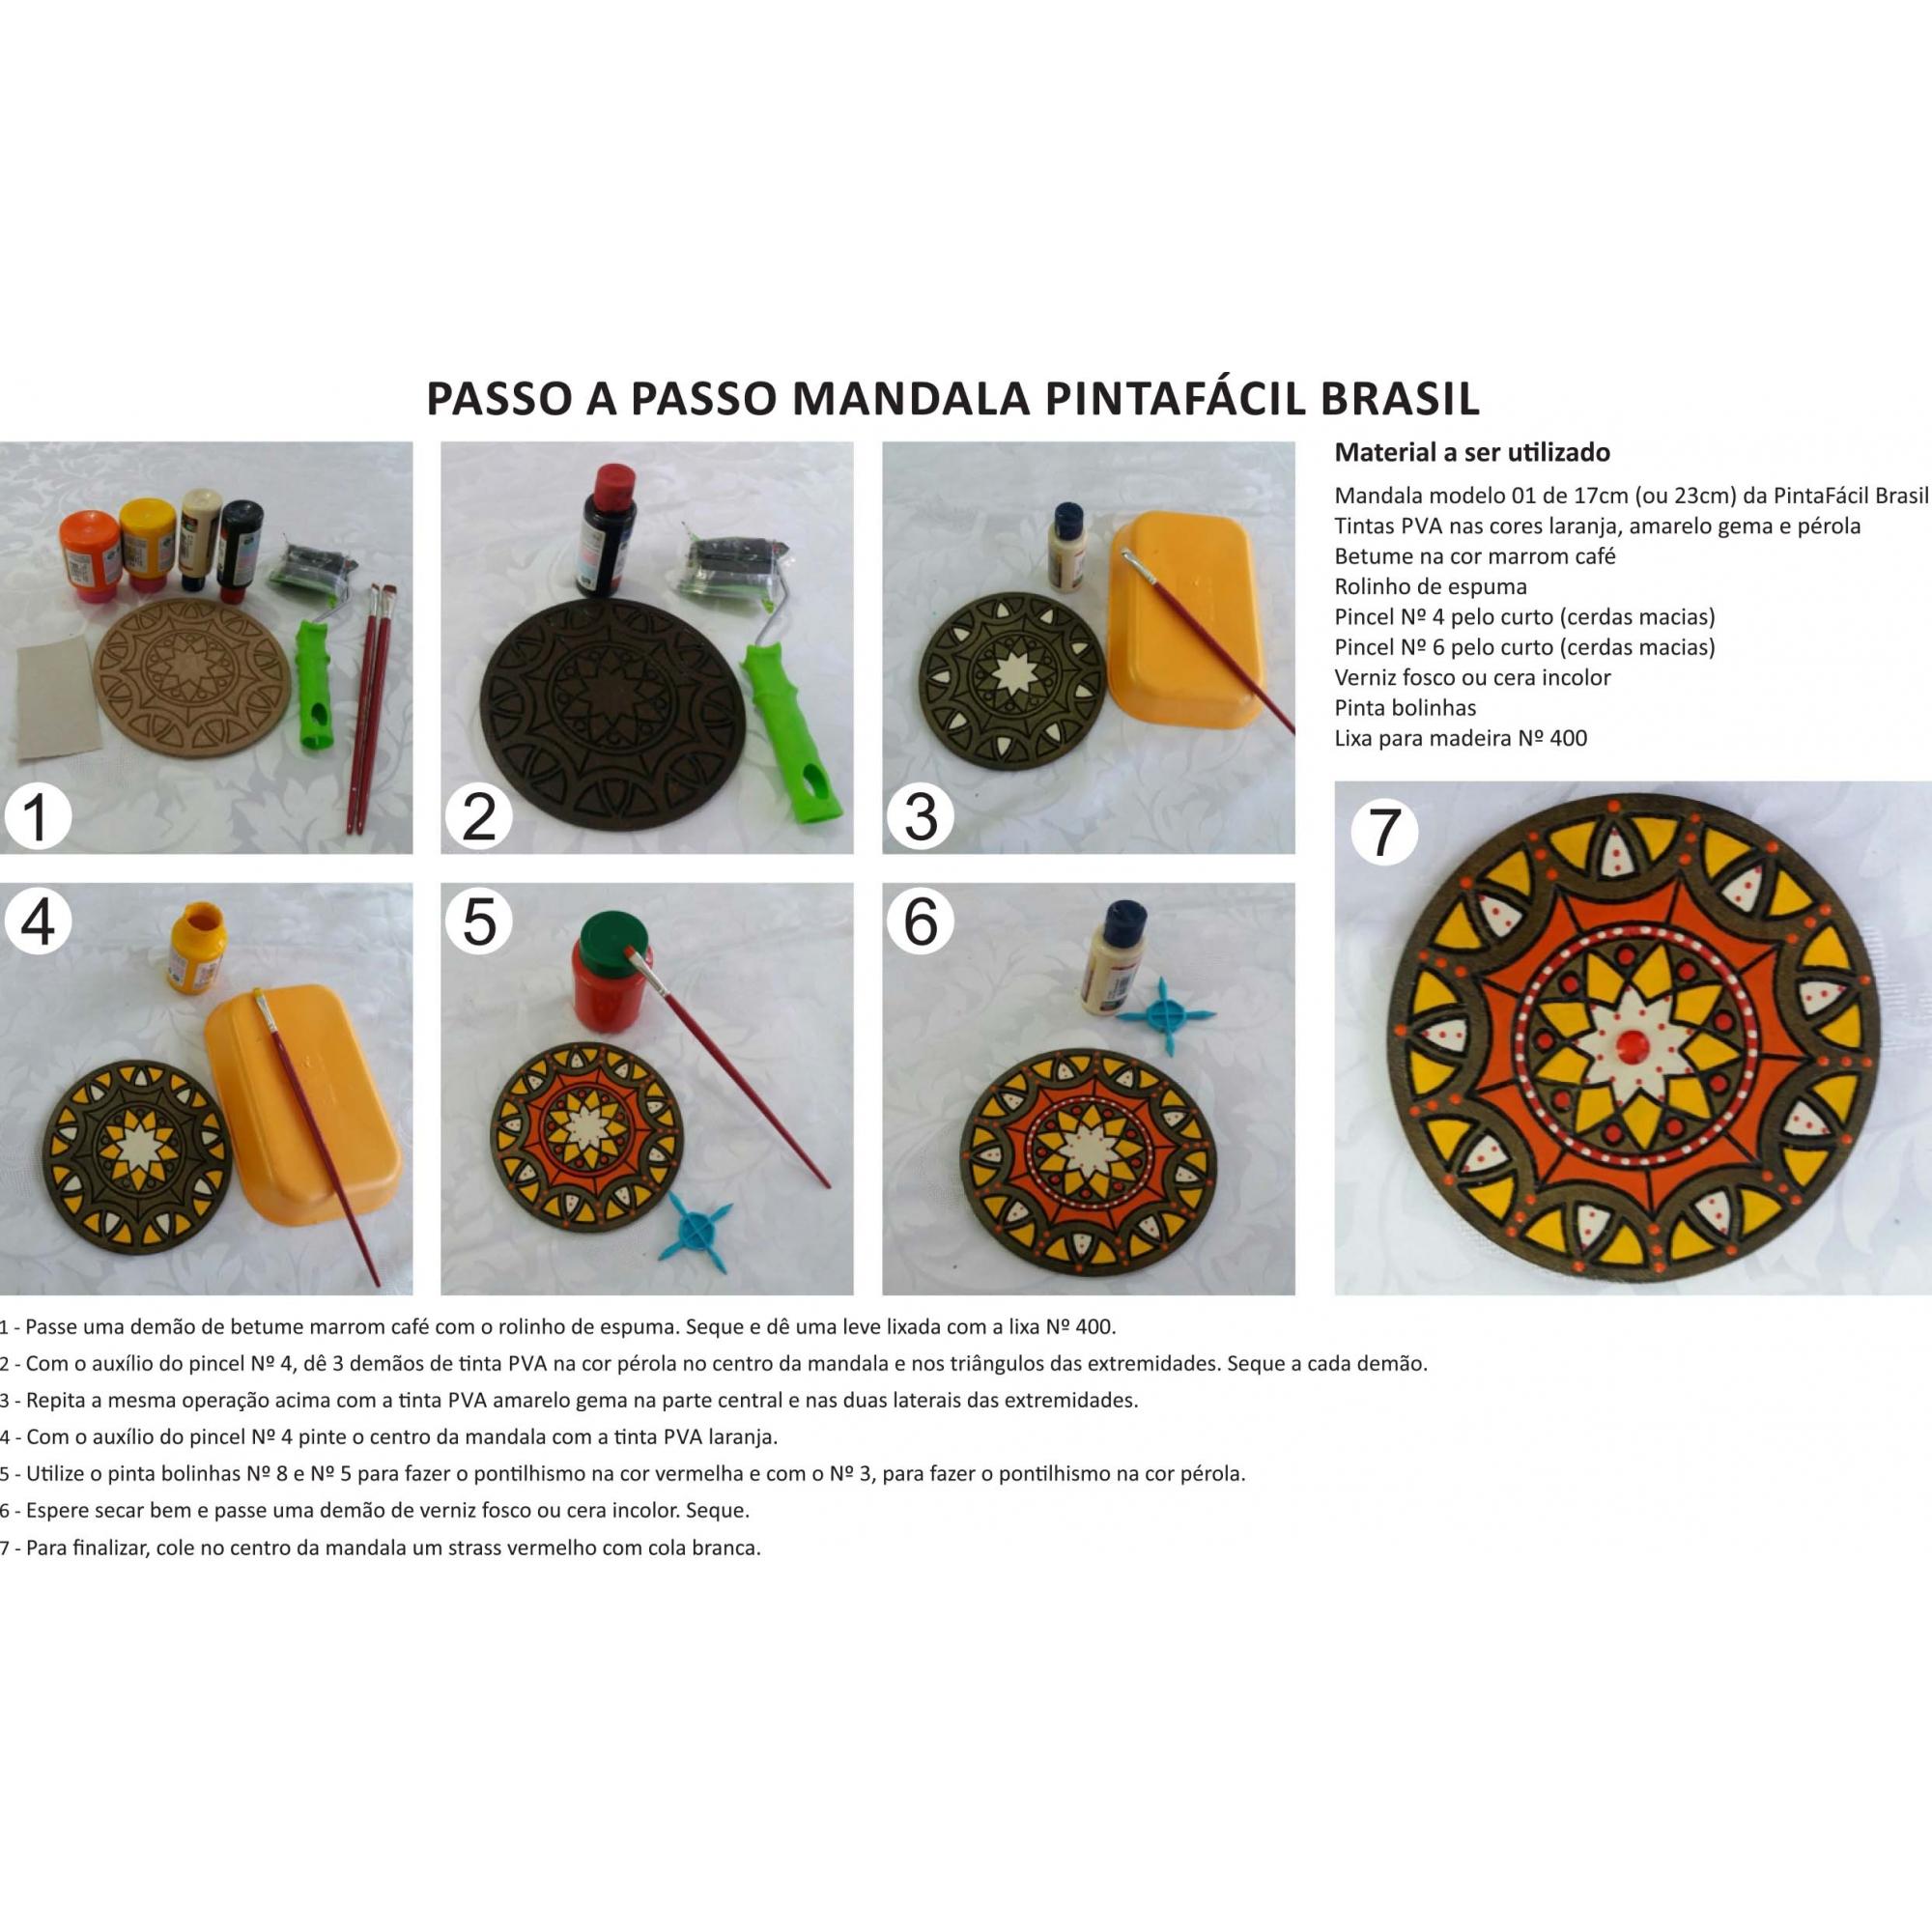 Kit 3 peças Mandala para Espelho Mdf Cru 33cm de Diâmetro para Pintar